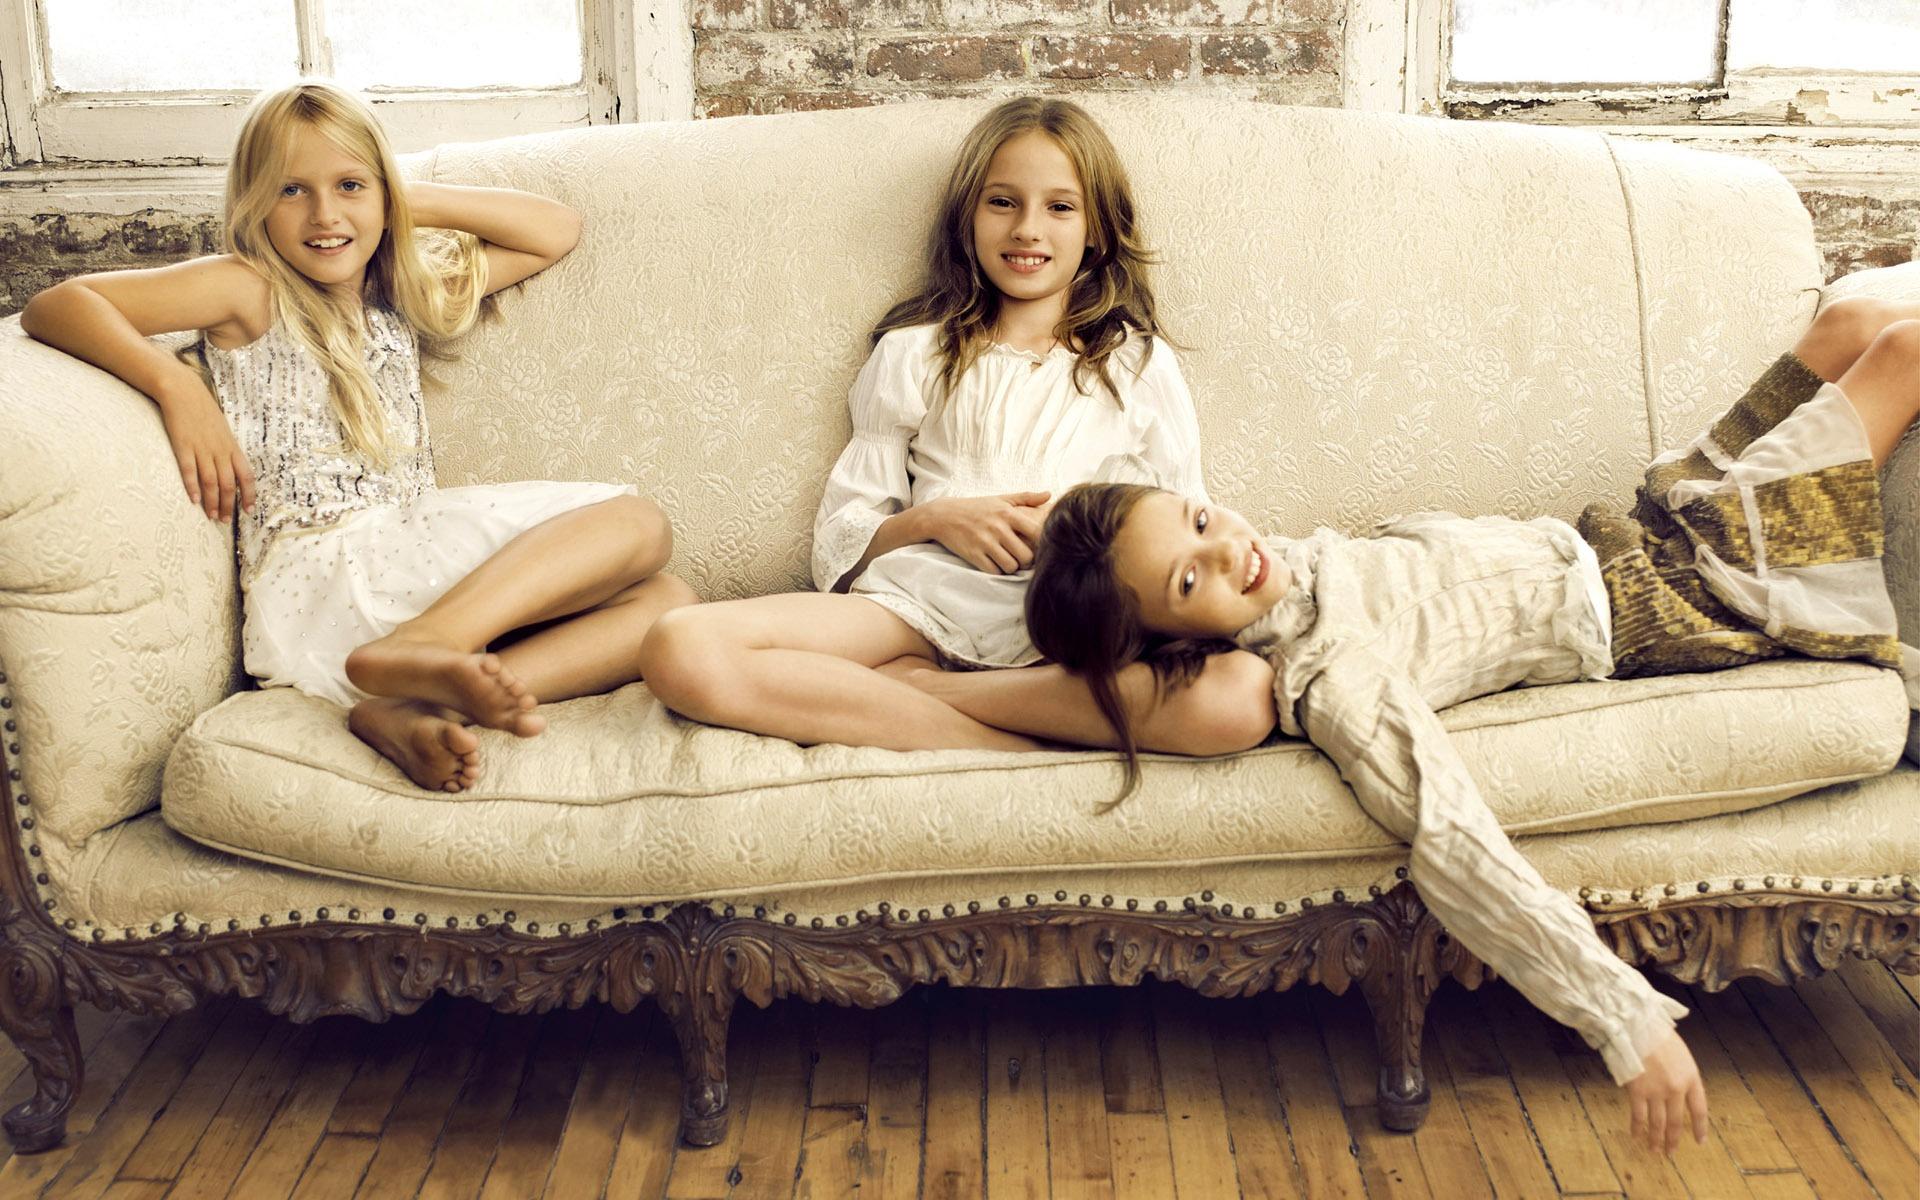 Фото девочек 8 9 без одежды, Девушки в одежде и без. Частное интим фото 18 15 фотография